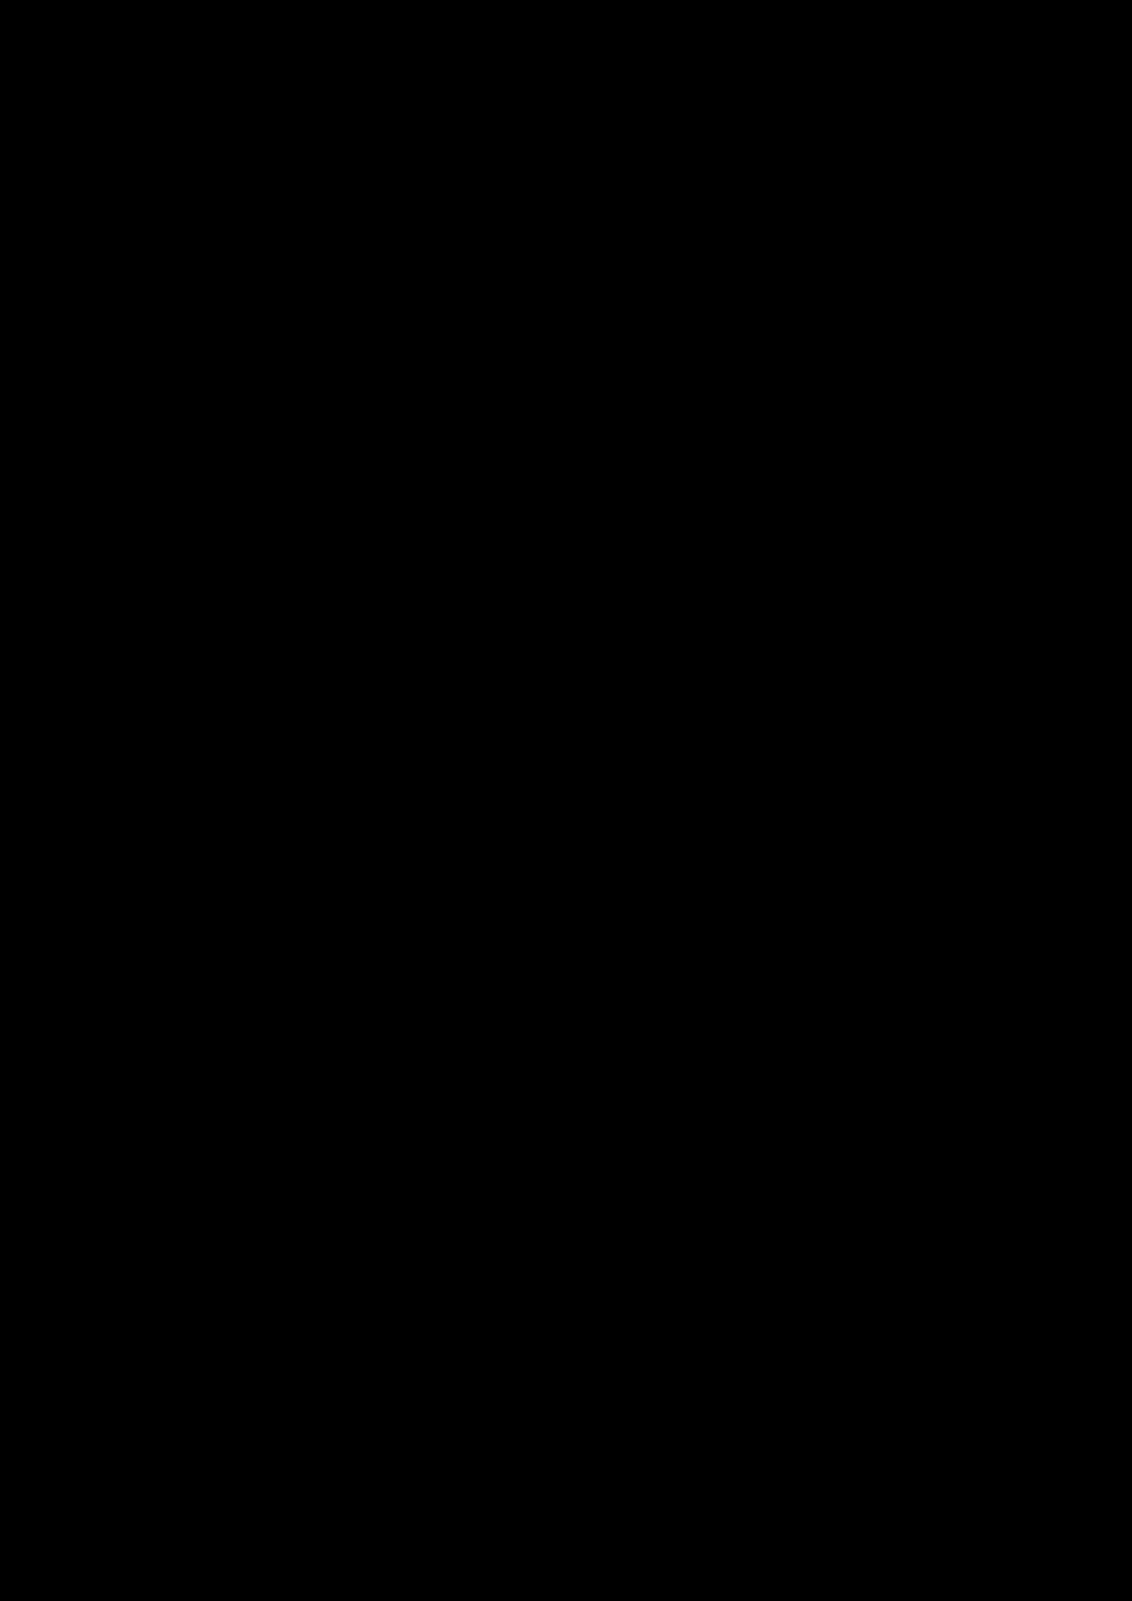 Prolog slide, Image 36